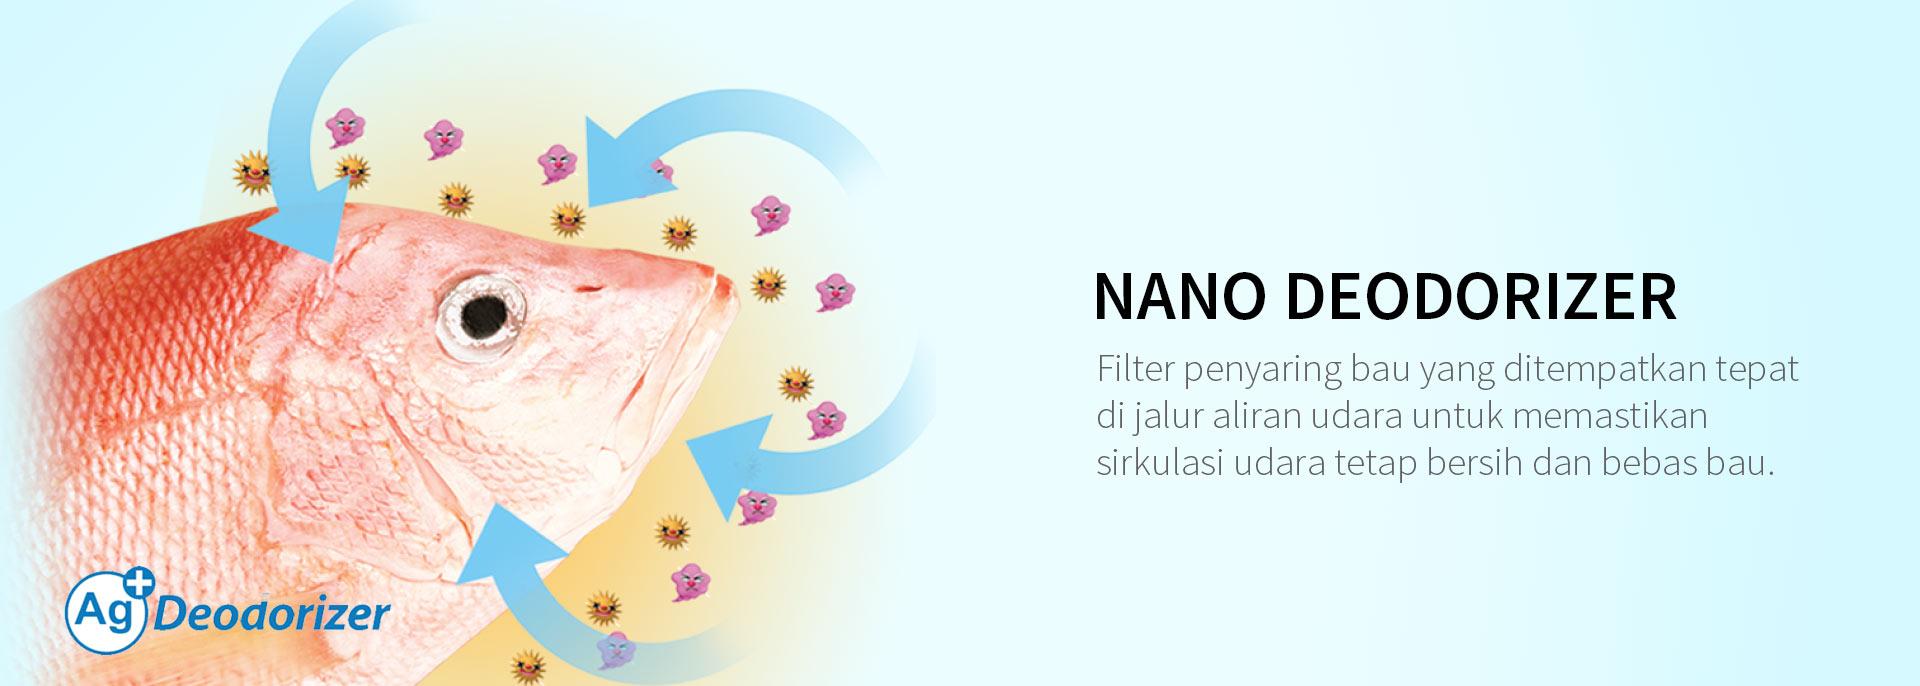 Nano-Deodorizer2A.jpg